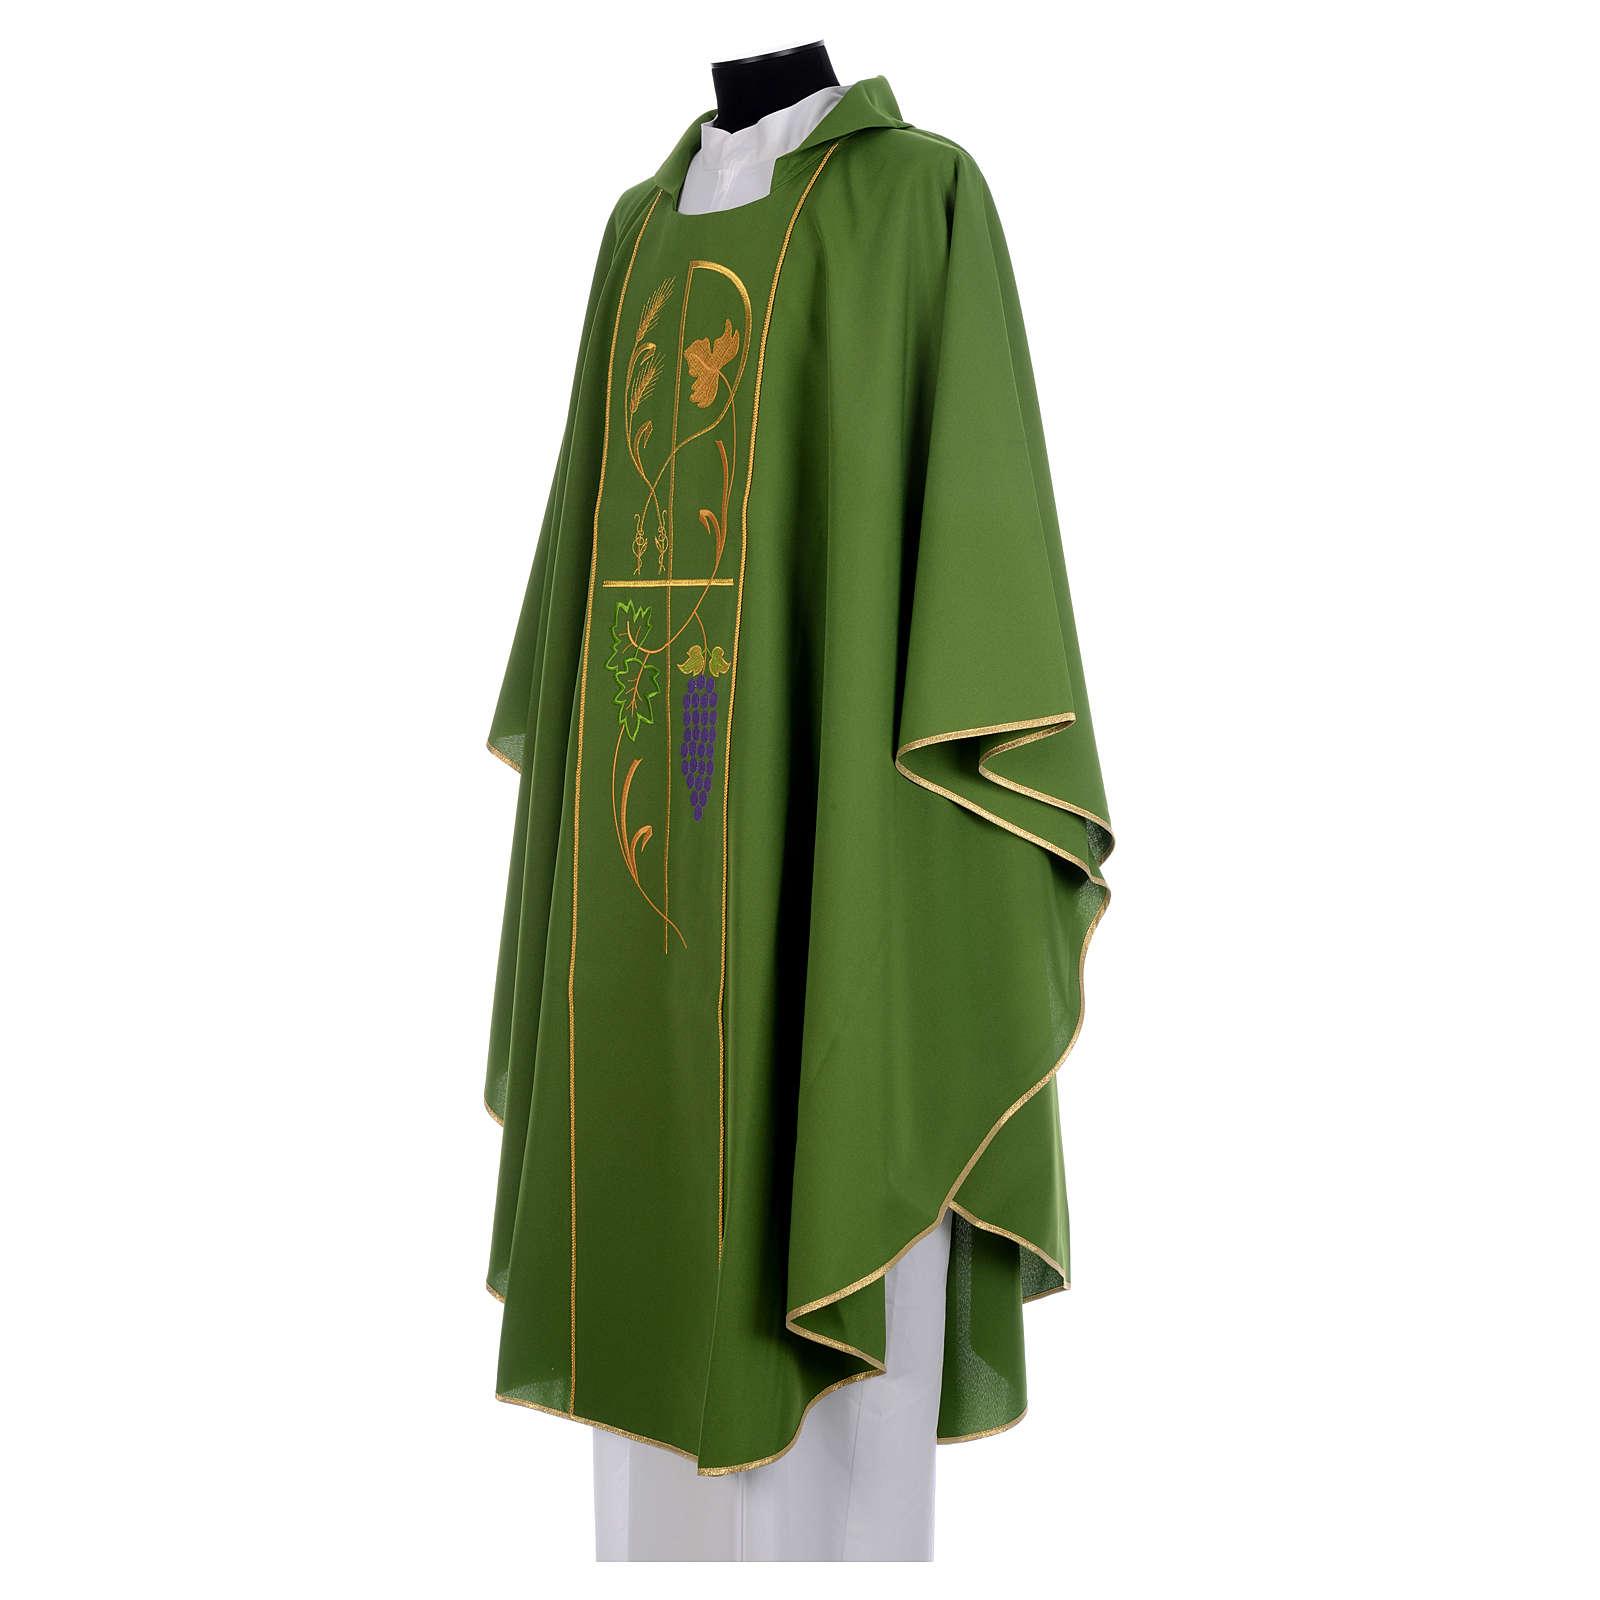 Casula sacerdotale 100% pol XP uva spighe 4